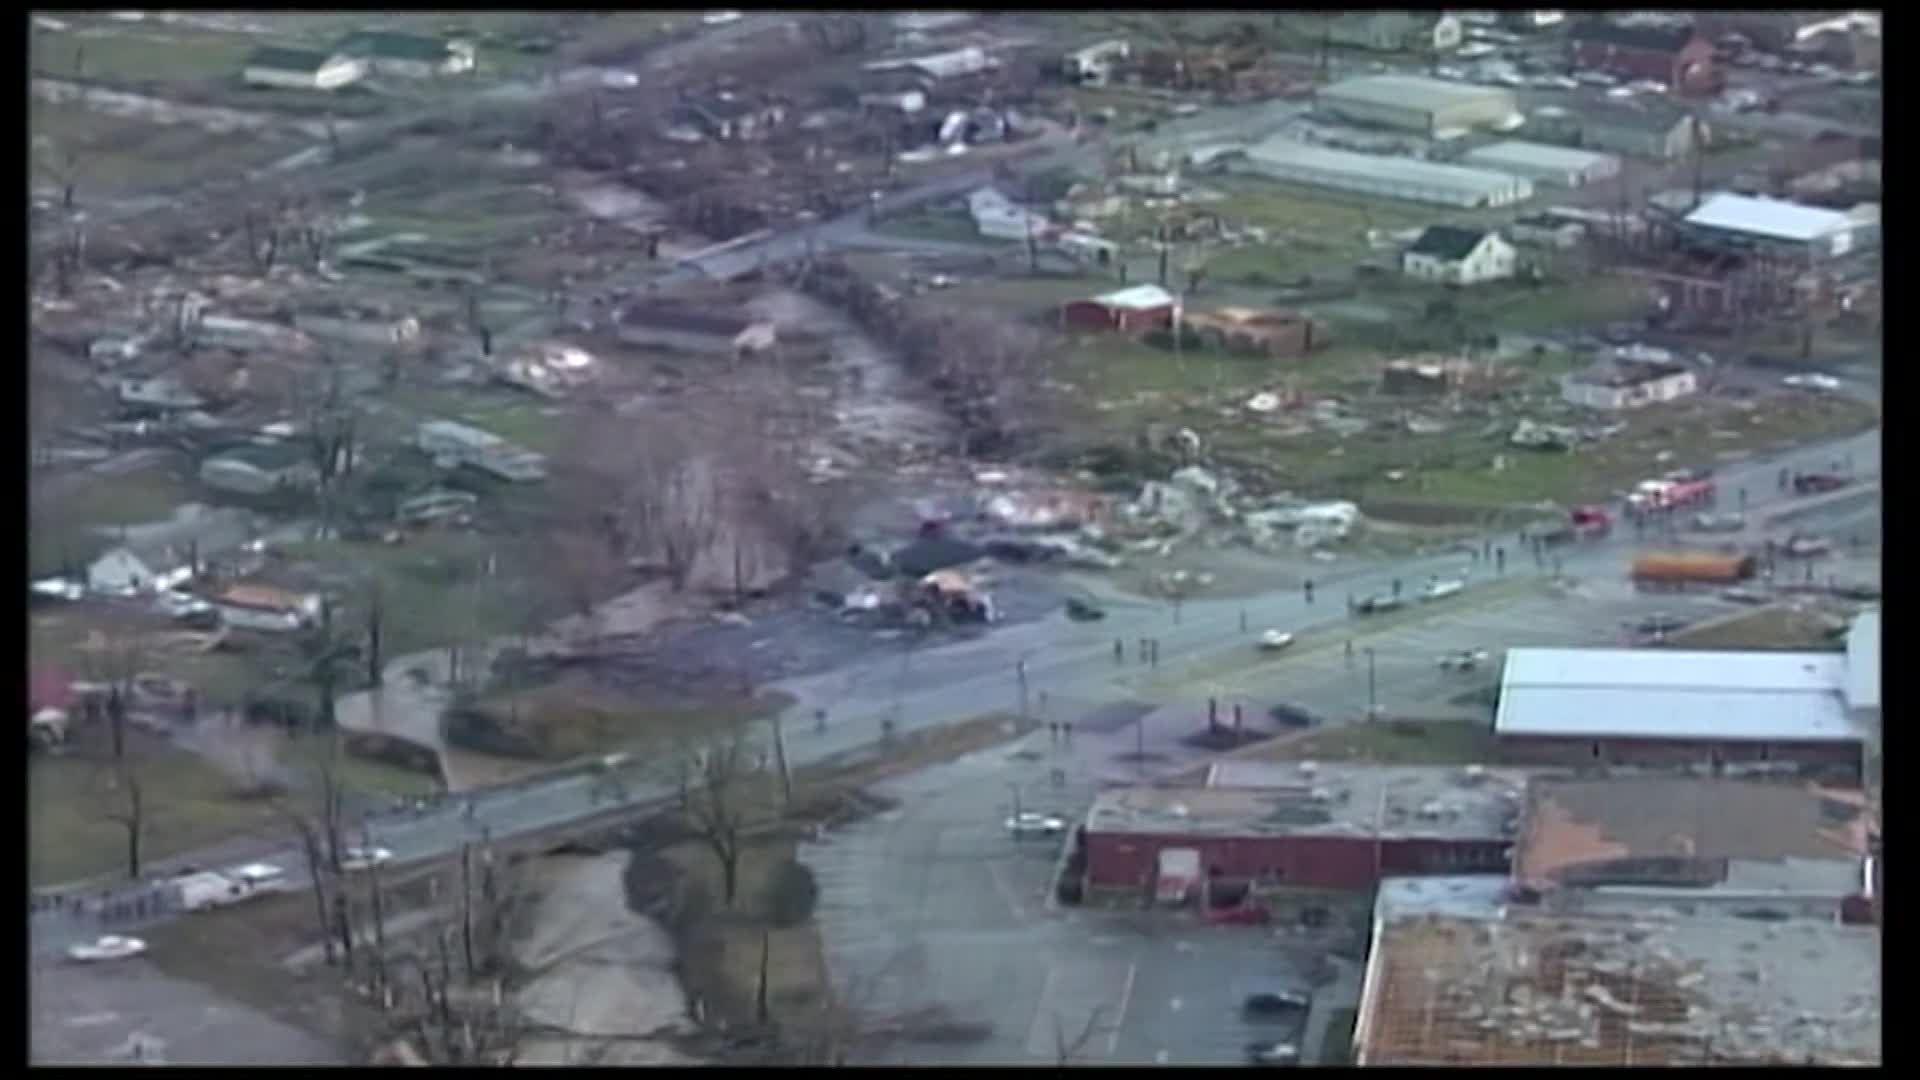 ARCHIVES: 2012 violent tornado outbreak